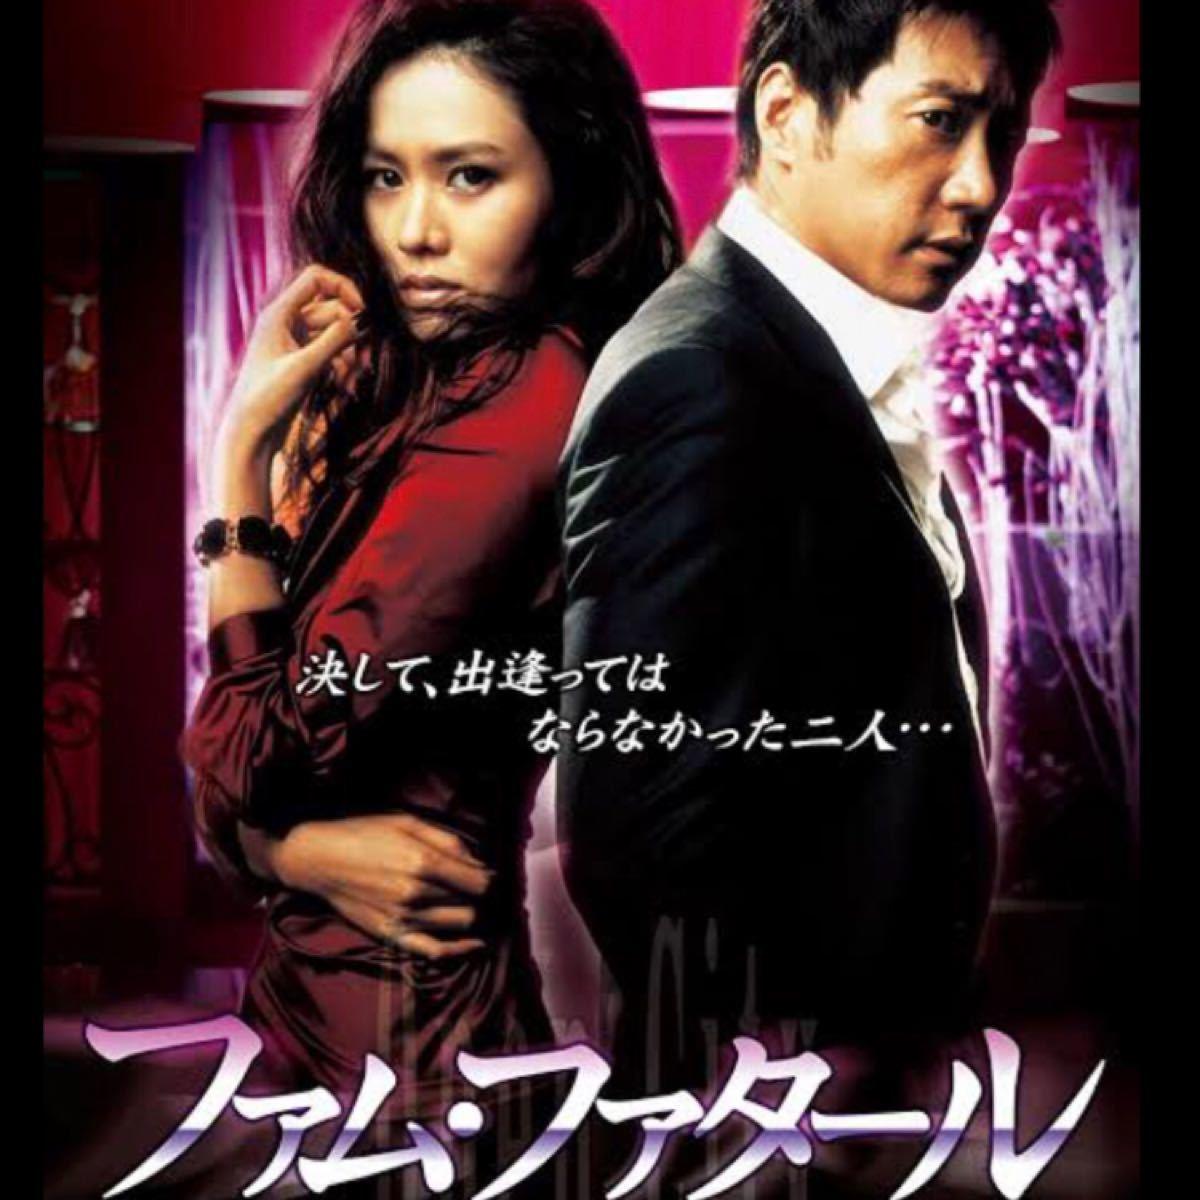 韓国映画  ファム・ファタール  ソン・イェジン  キム・ミョンミン  DVD  レーベル有り